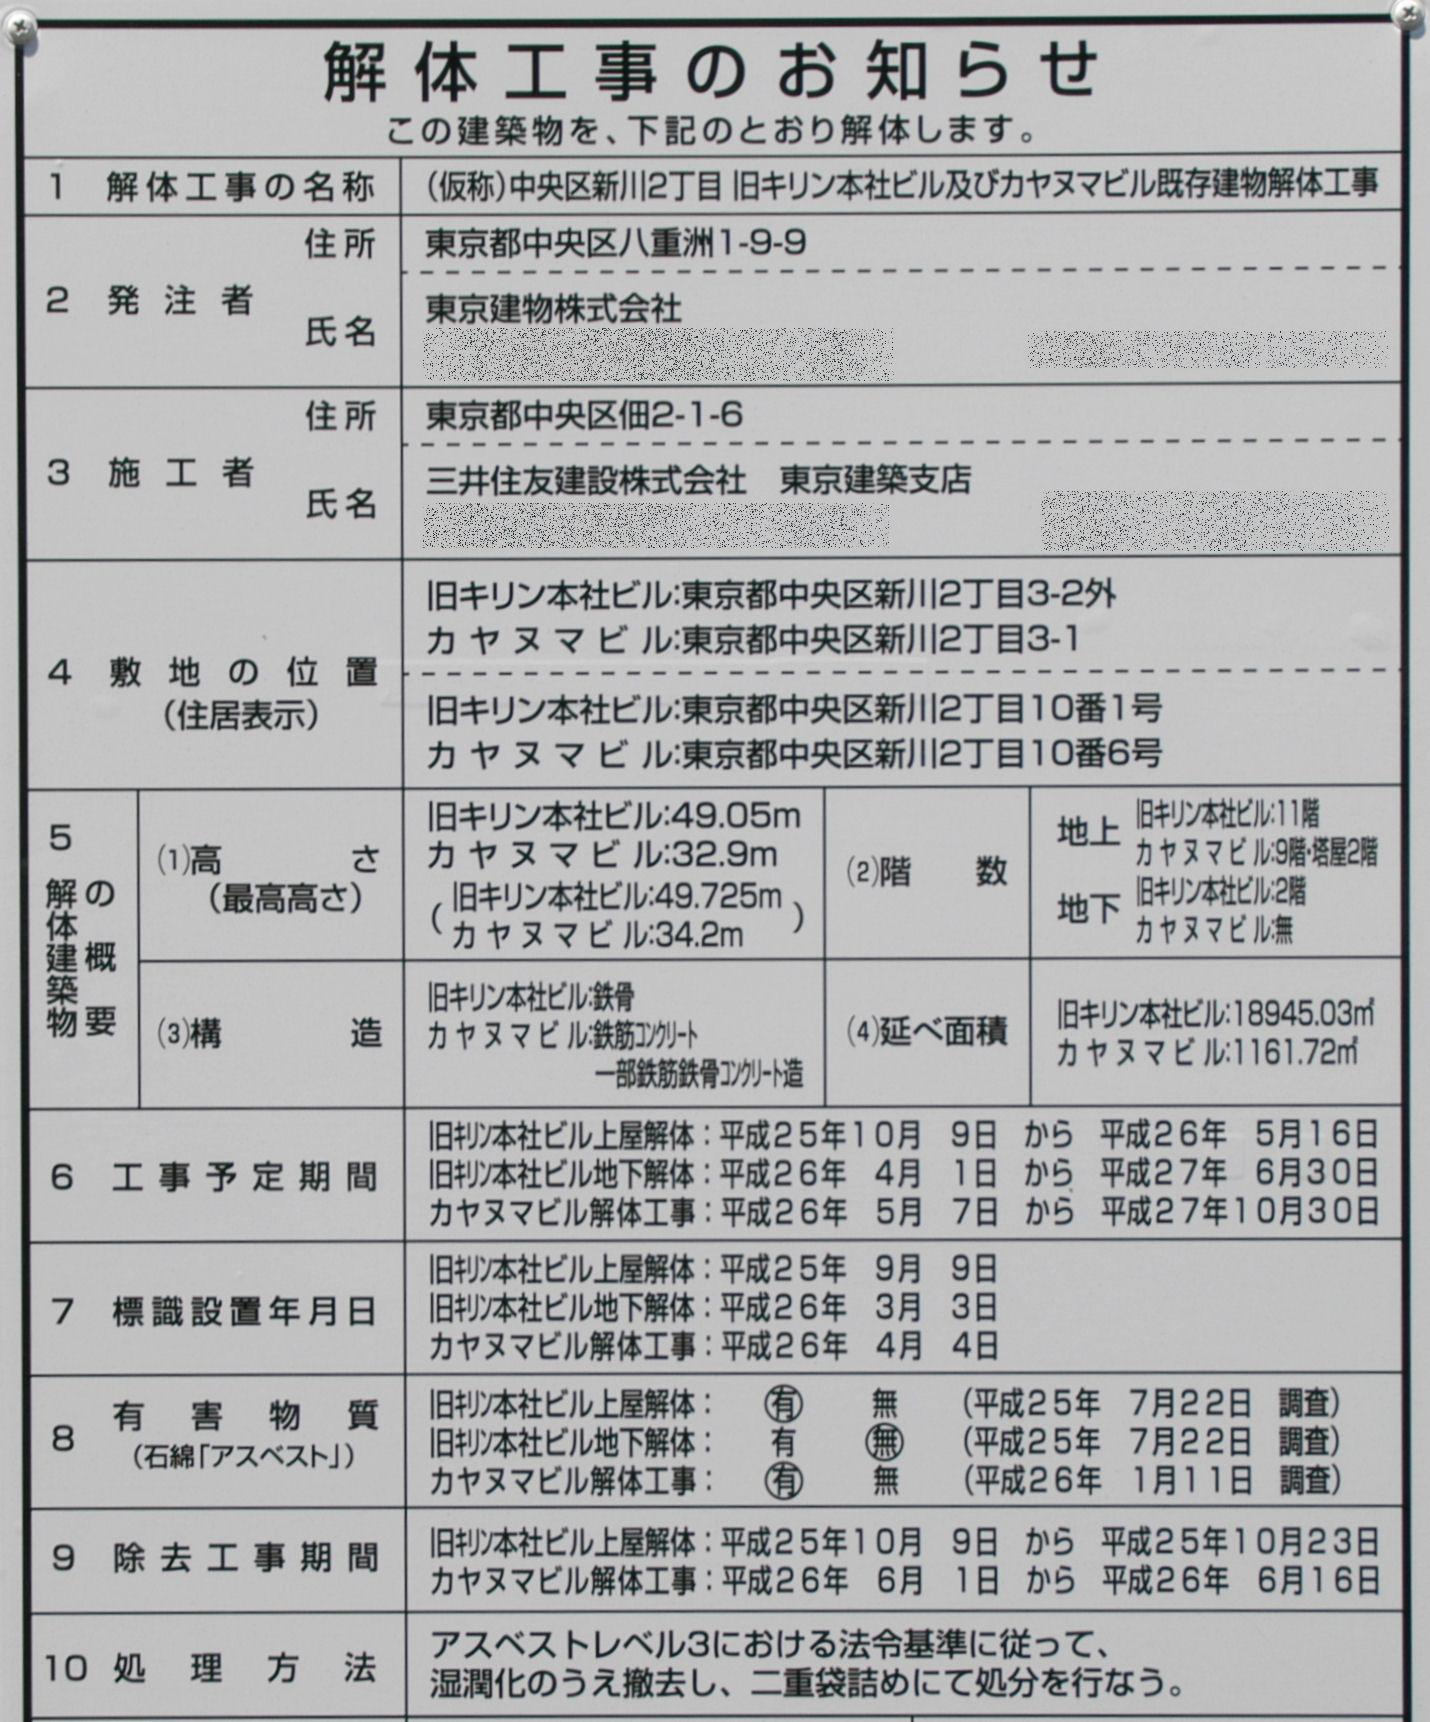 shinkawa14040003e.jpg